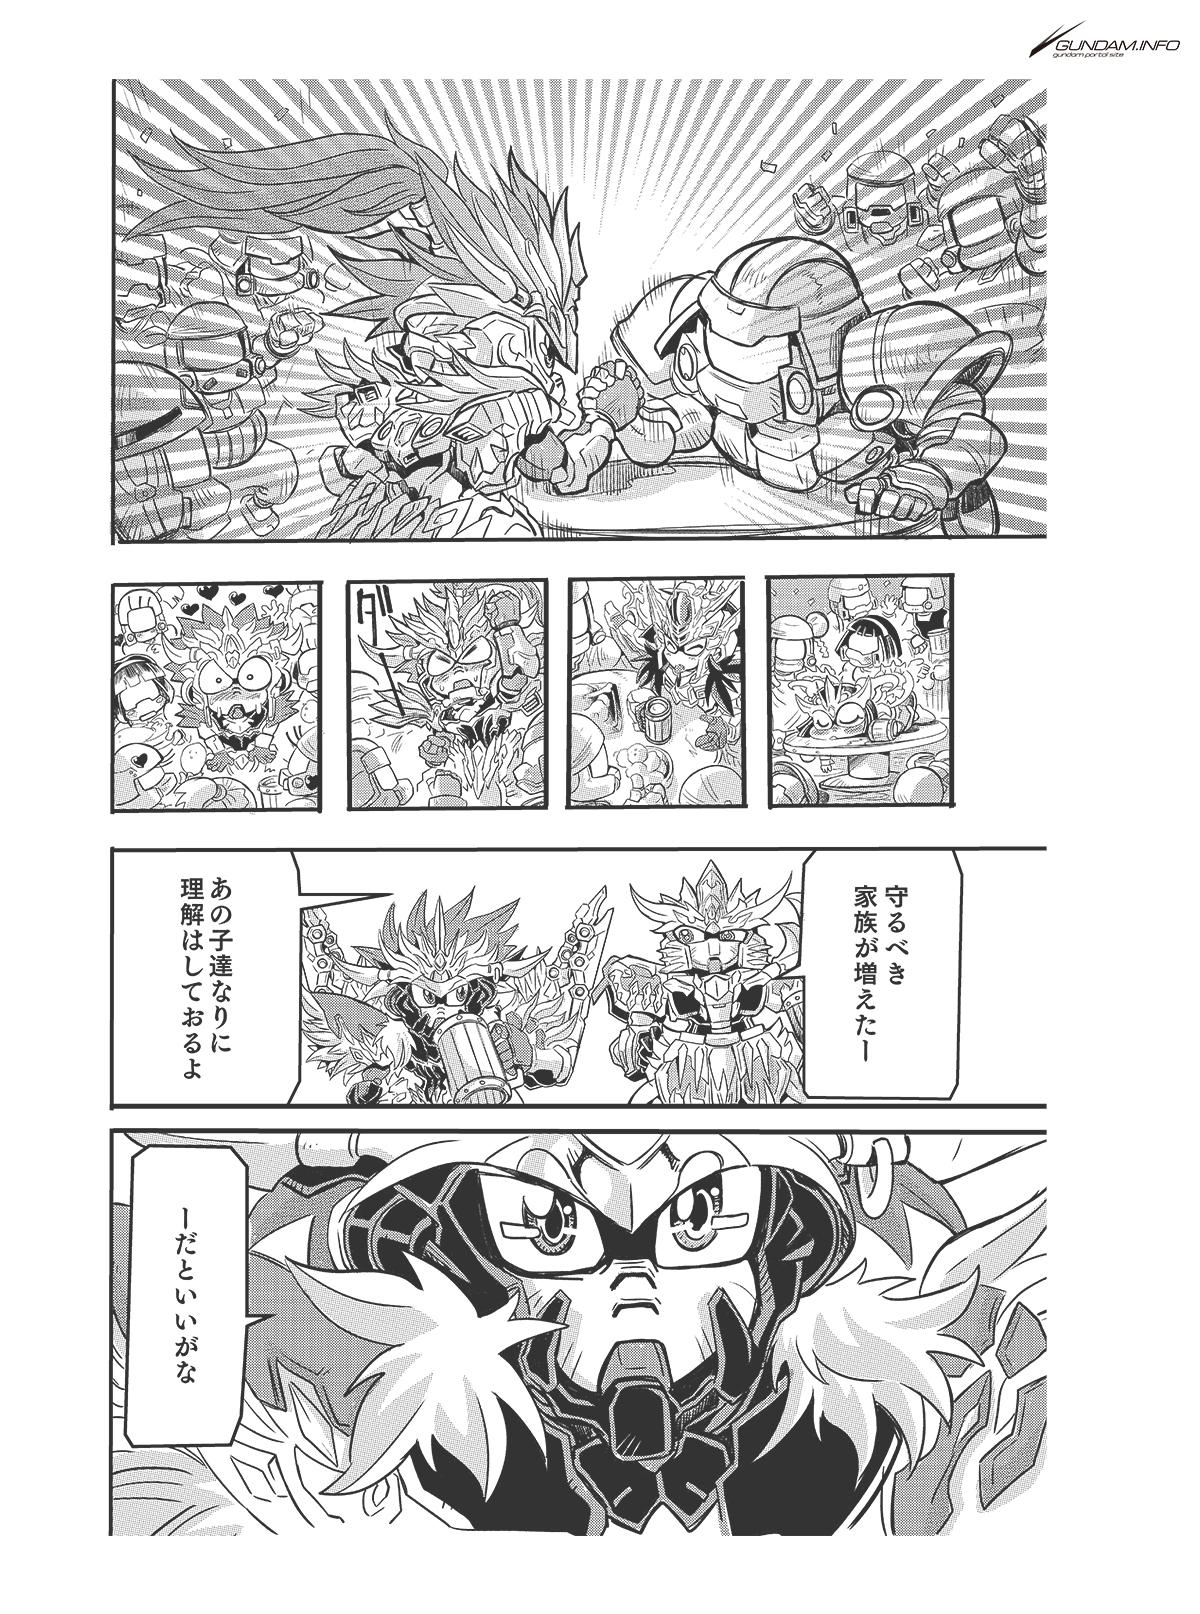 SDガンダムワールド 三国創傑伝 焔虎譚 第8話 P4